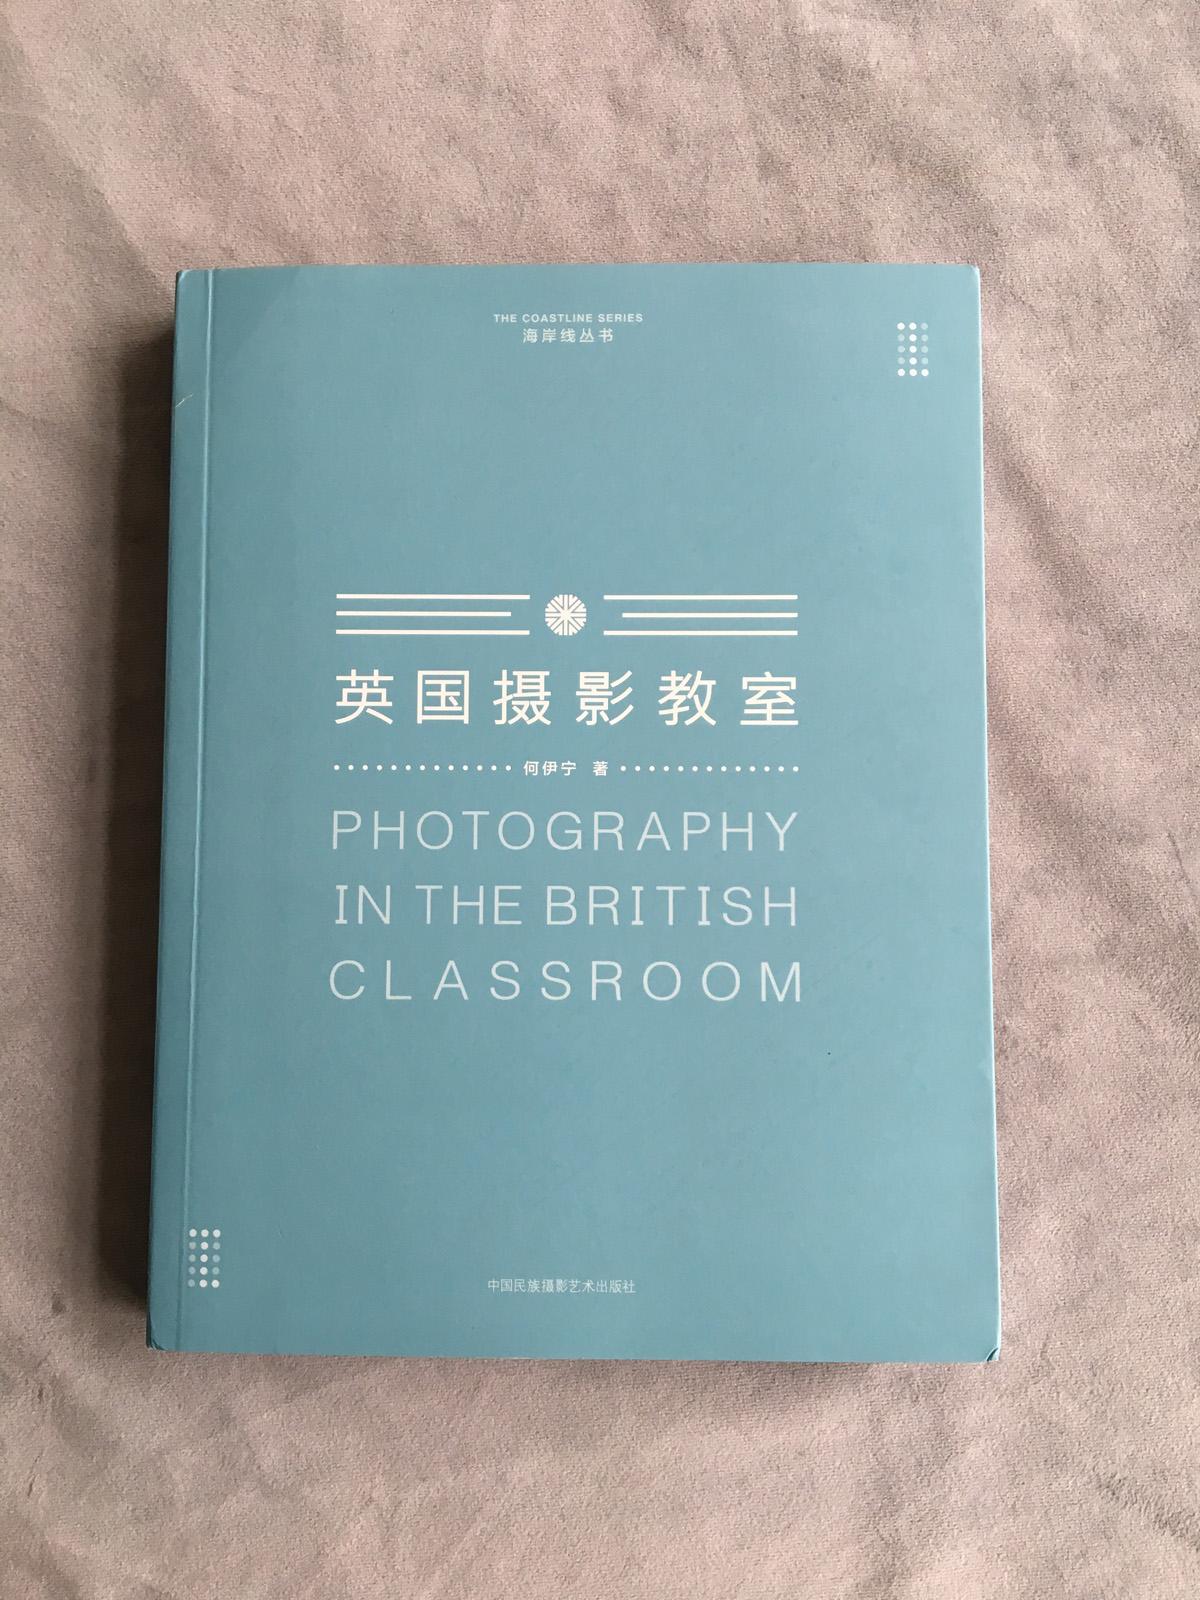 欧易交易平台:摄影好书|《英国摄影教室》:从摄影理论和摄影史开始探索